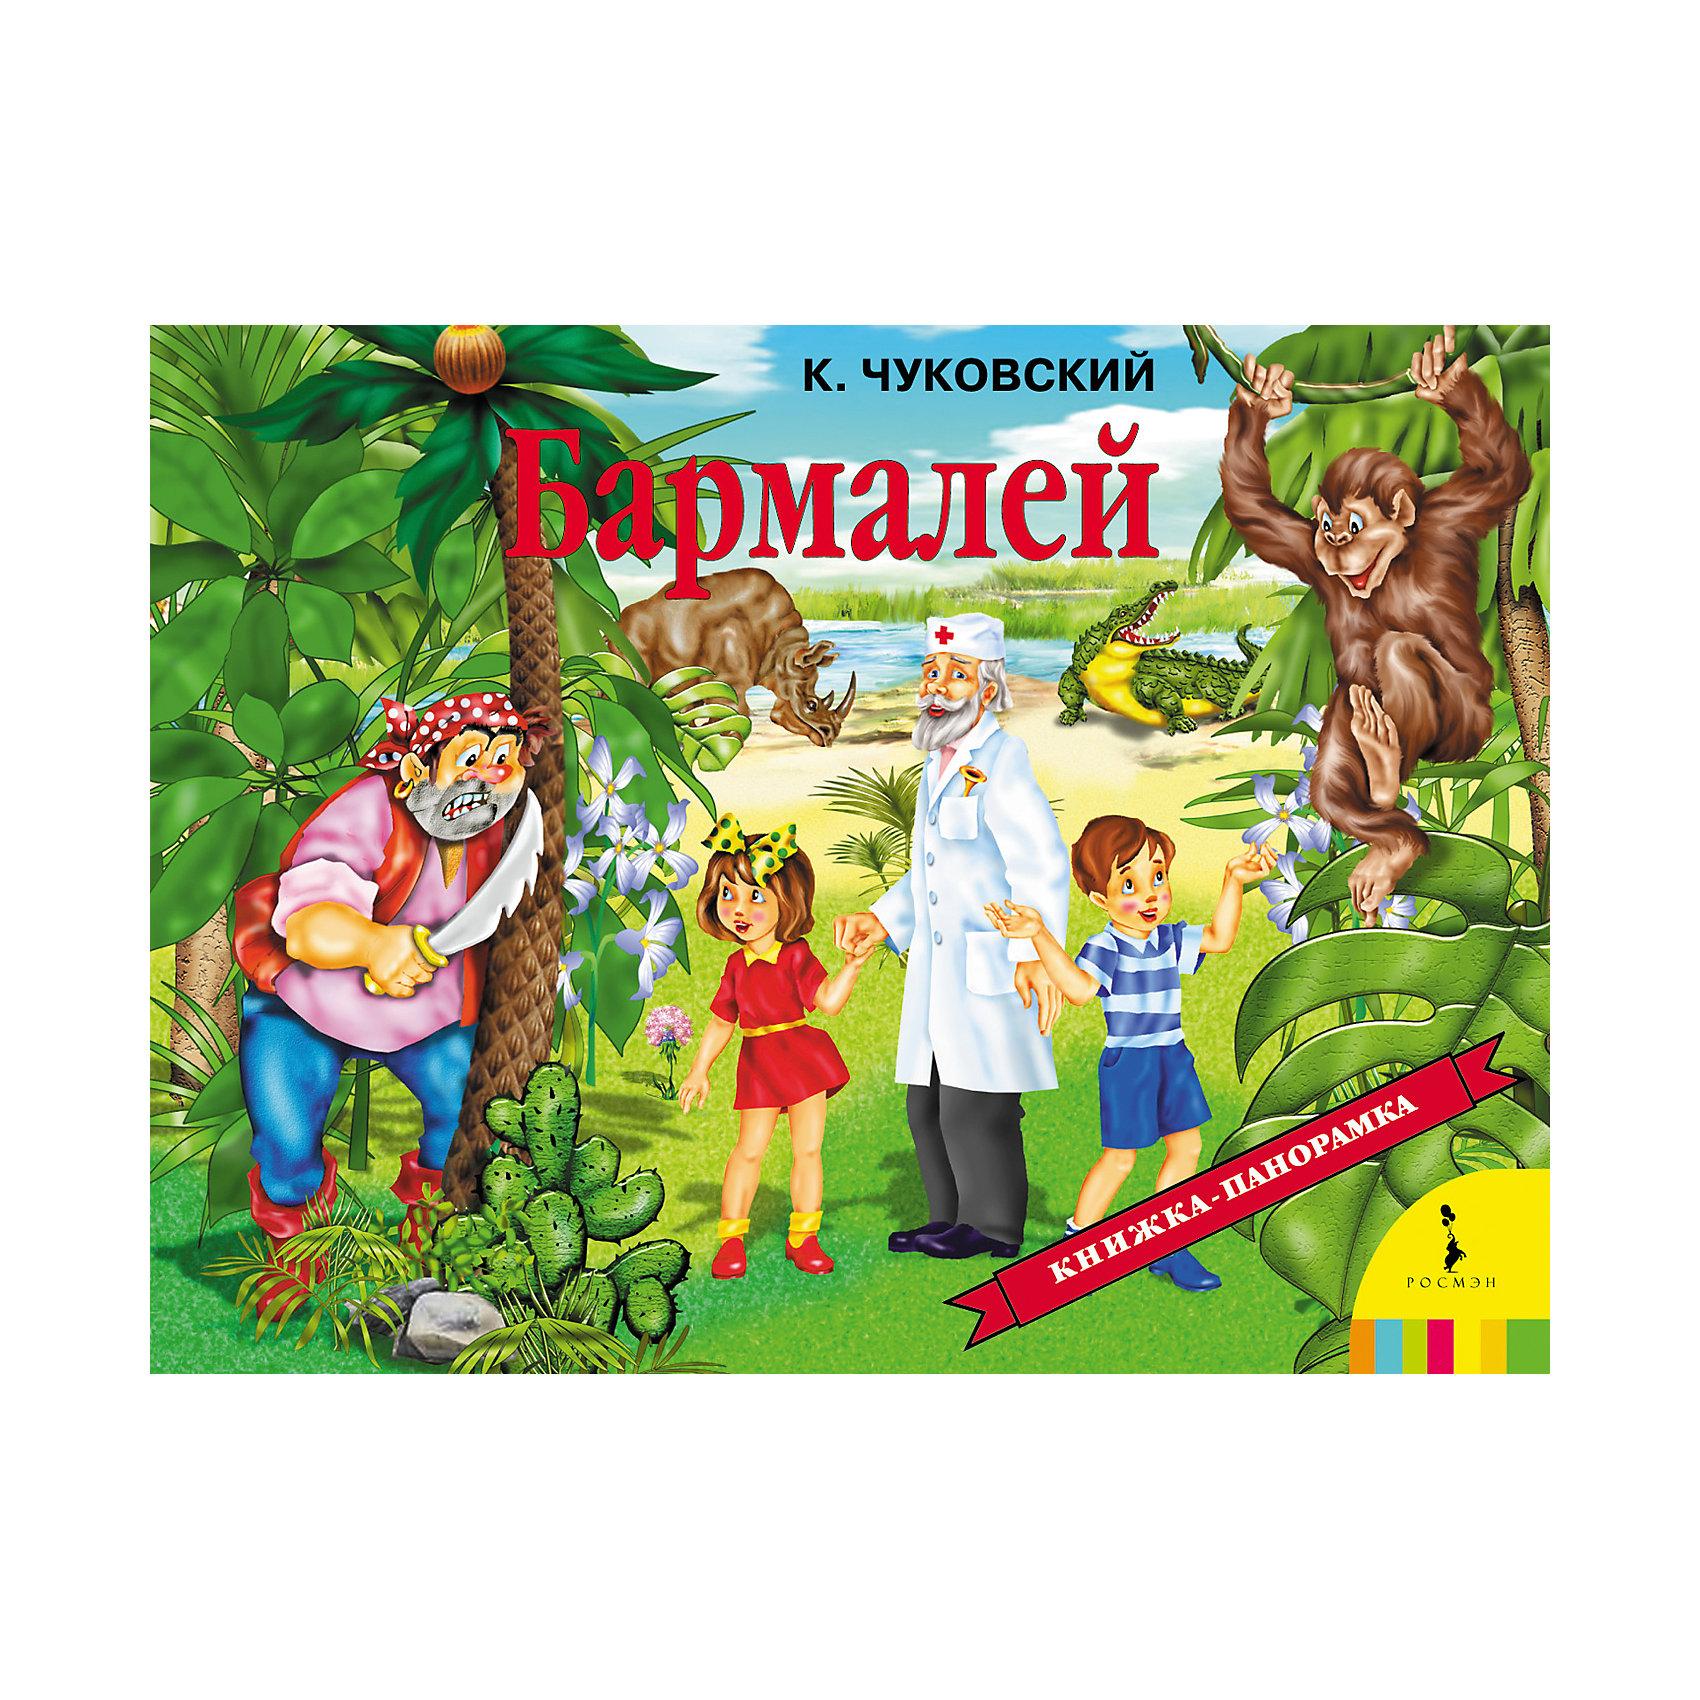 Бармалей (панорамка)Характеристики товара:<br><br>- цвет: разноцветный;<br>- материал: картон;<br>- страниц: 10;<br>- формат: 26 х 20 см;<br>- обложка: твердая;<br>- книжка-панорамка. <br><br>Издания серии Книжка-панорамка - отличный способ занять ребенка! Эта красочная книга с плотными листами станет отличным подарком для родителей и малыша. Она содержит в себе интересную сказку, которую так любят дети. Отличный способ привить малышу любовь к чтению! На каждом развороте - объемные панорамные картинки.<br>Чтение и рассматривание картинок даже в юном возрасте помогает ребенку развивать память, концентрацию внимания и воображение. Издание произведено из качественных материалов, которые безопасны даже для самых маленьких.<br><br>Издание Бармалей (панорамка) от компании Росмэн можно купить в нашем интернет-магазине.<br><br>Ширина мм: 255<br>Глубина мм: 195<br>Высота мм: 20<br>Вес г: 309<br>Возраст от месяцев: 0<br>Возраст до месяцев: 36<br>Пол: Унисекс<br>Возраст: Детский<br>SKU: 5110096